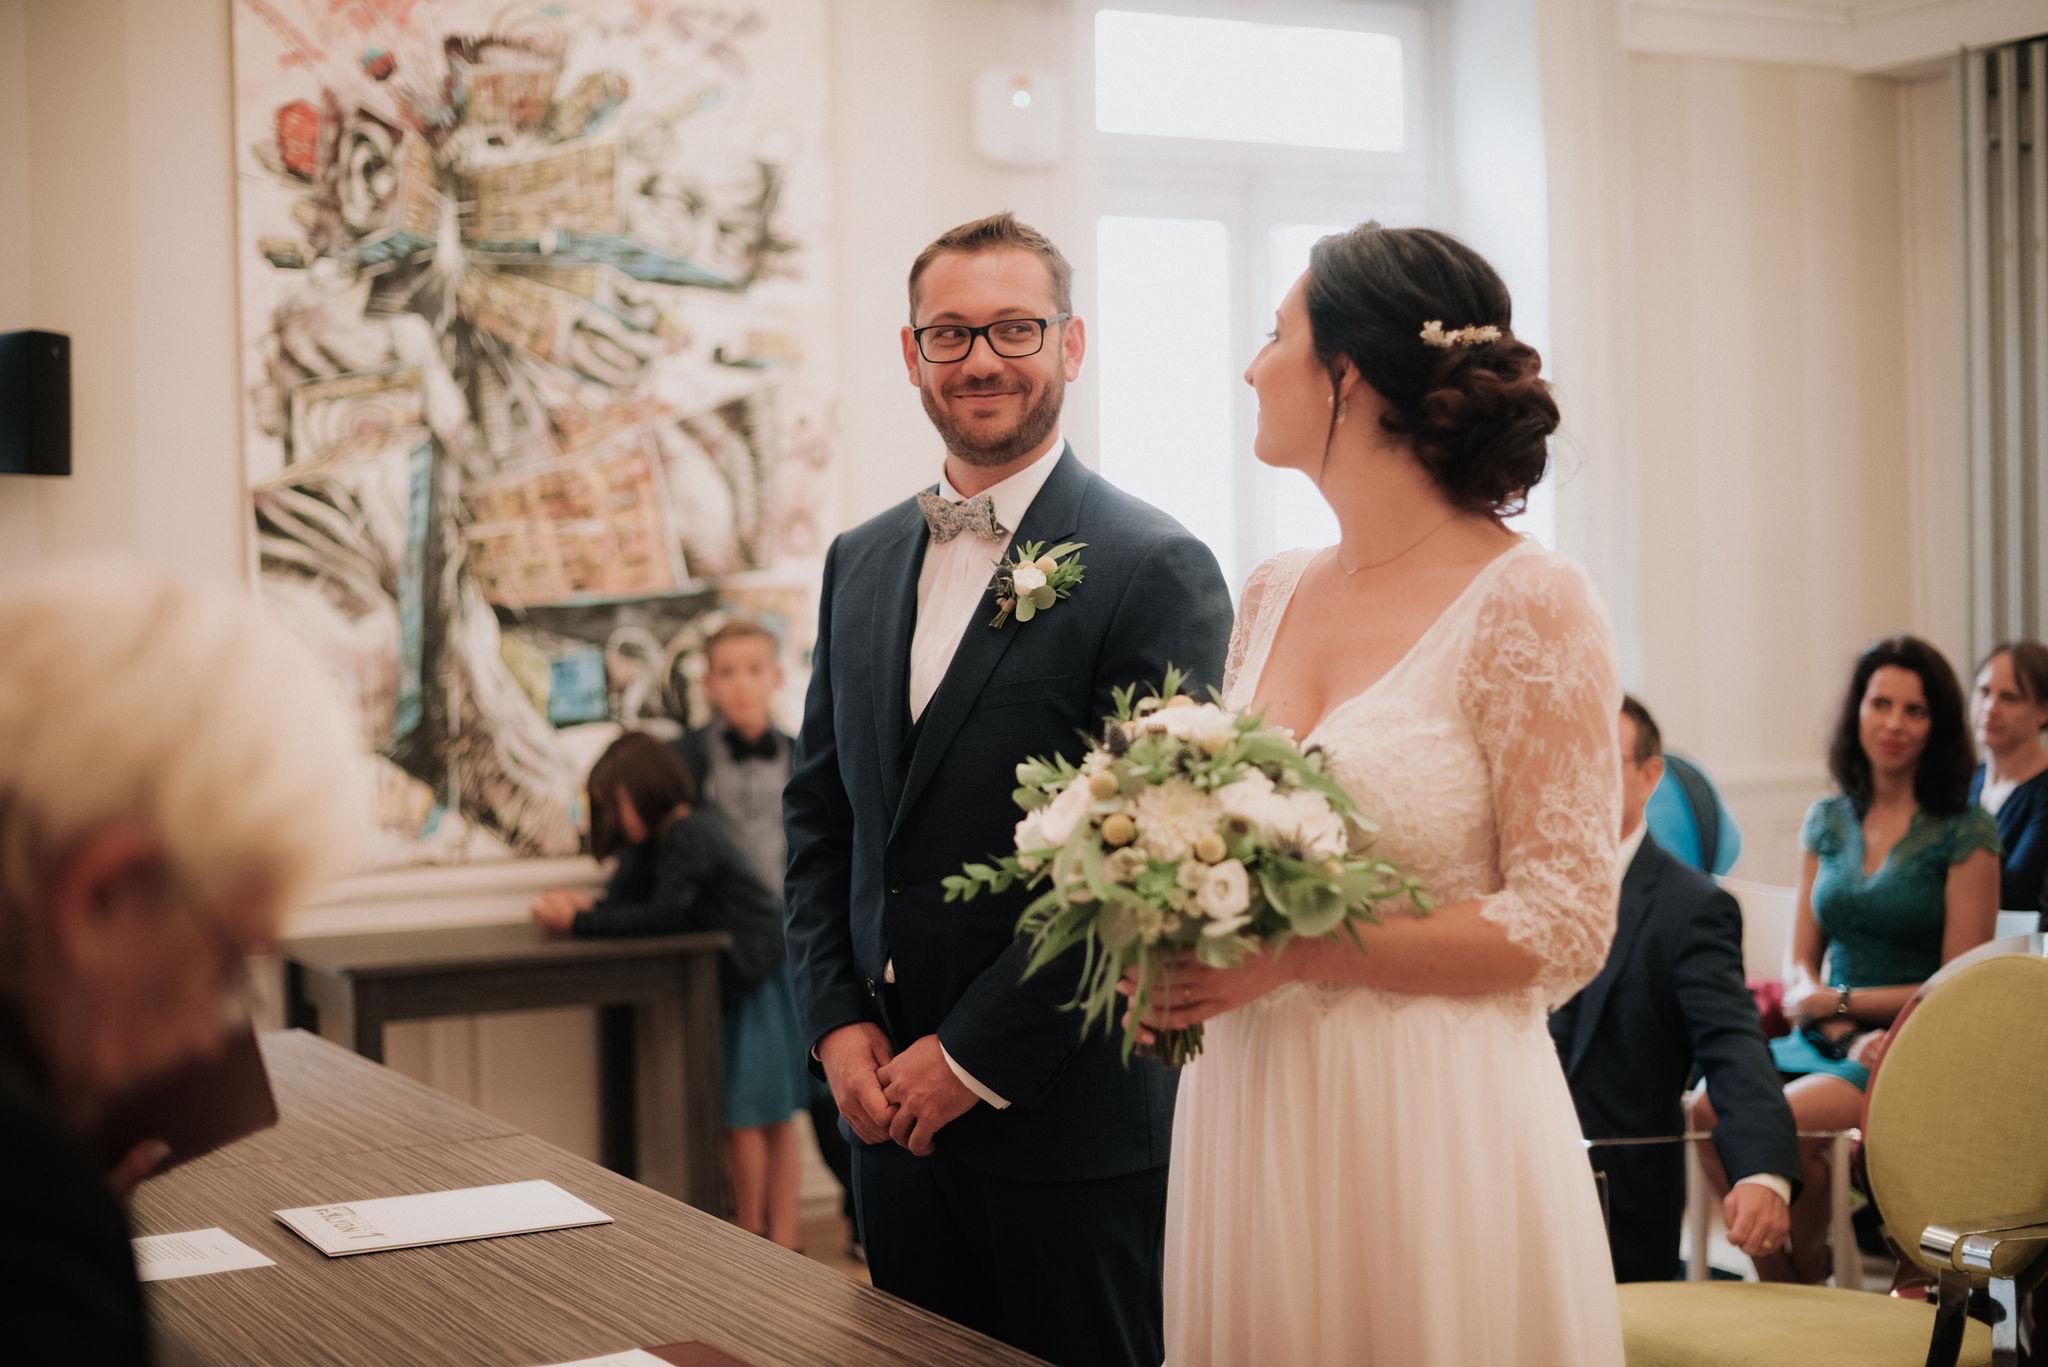 Léa-Fery-photographe-professionnel-lyon-rhone-alpes-portrait-creation-mariage-evenement-evenementiel-famille-6348.jpg